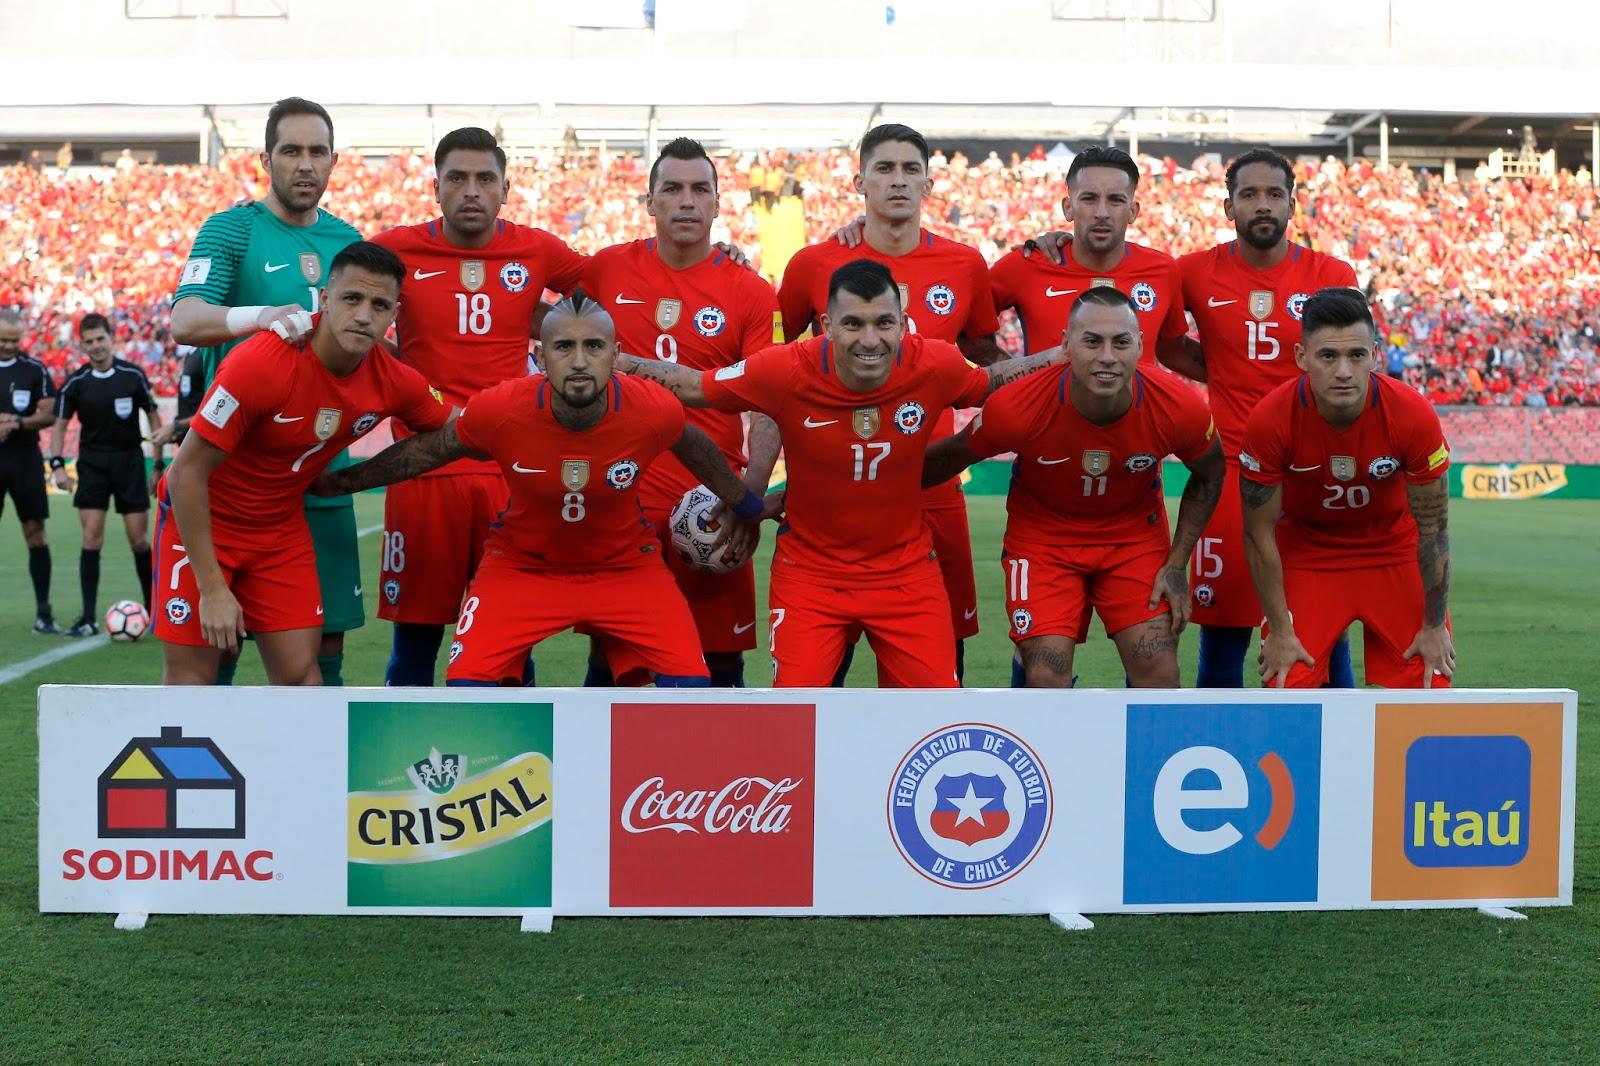 Formación de Chile ante Venezuela, Clasificatorias Rusia 2018, 28 de marzo de 2017